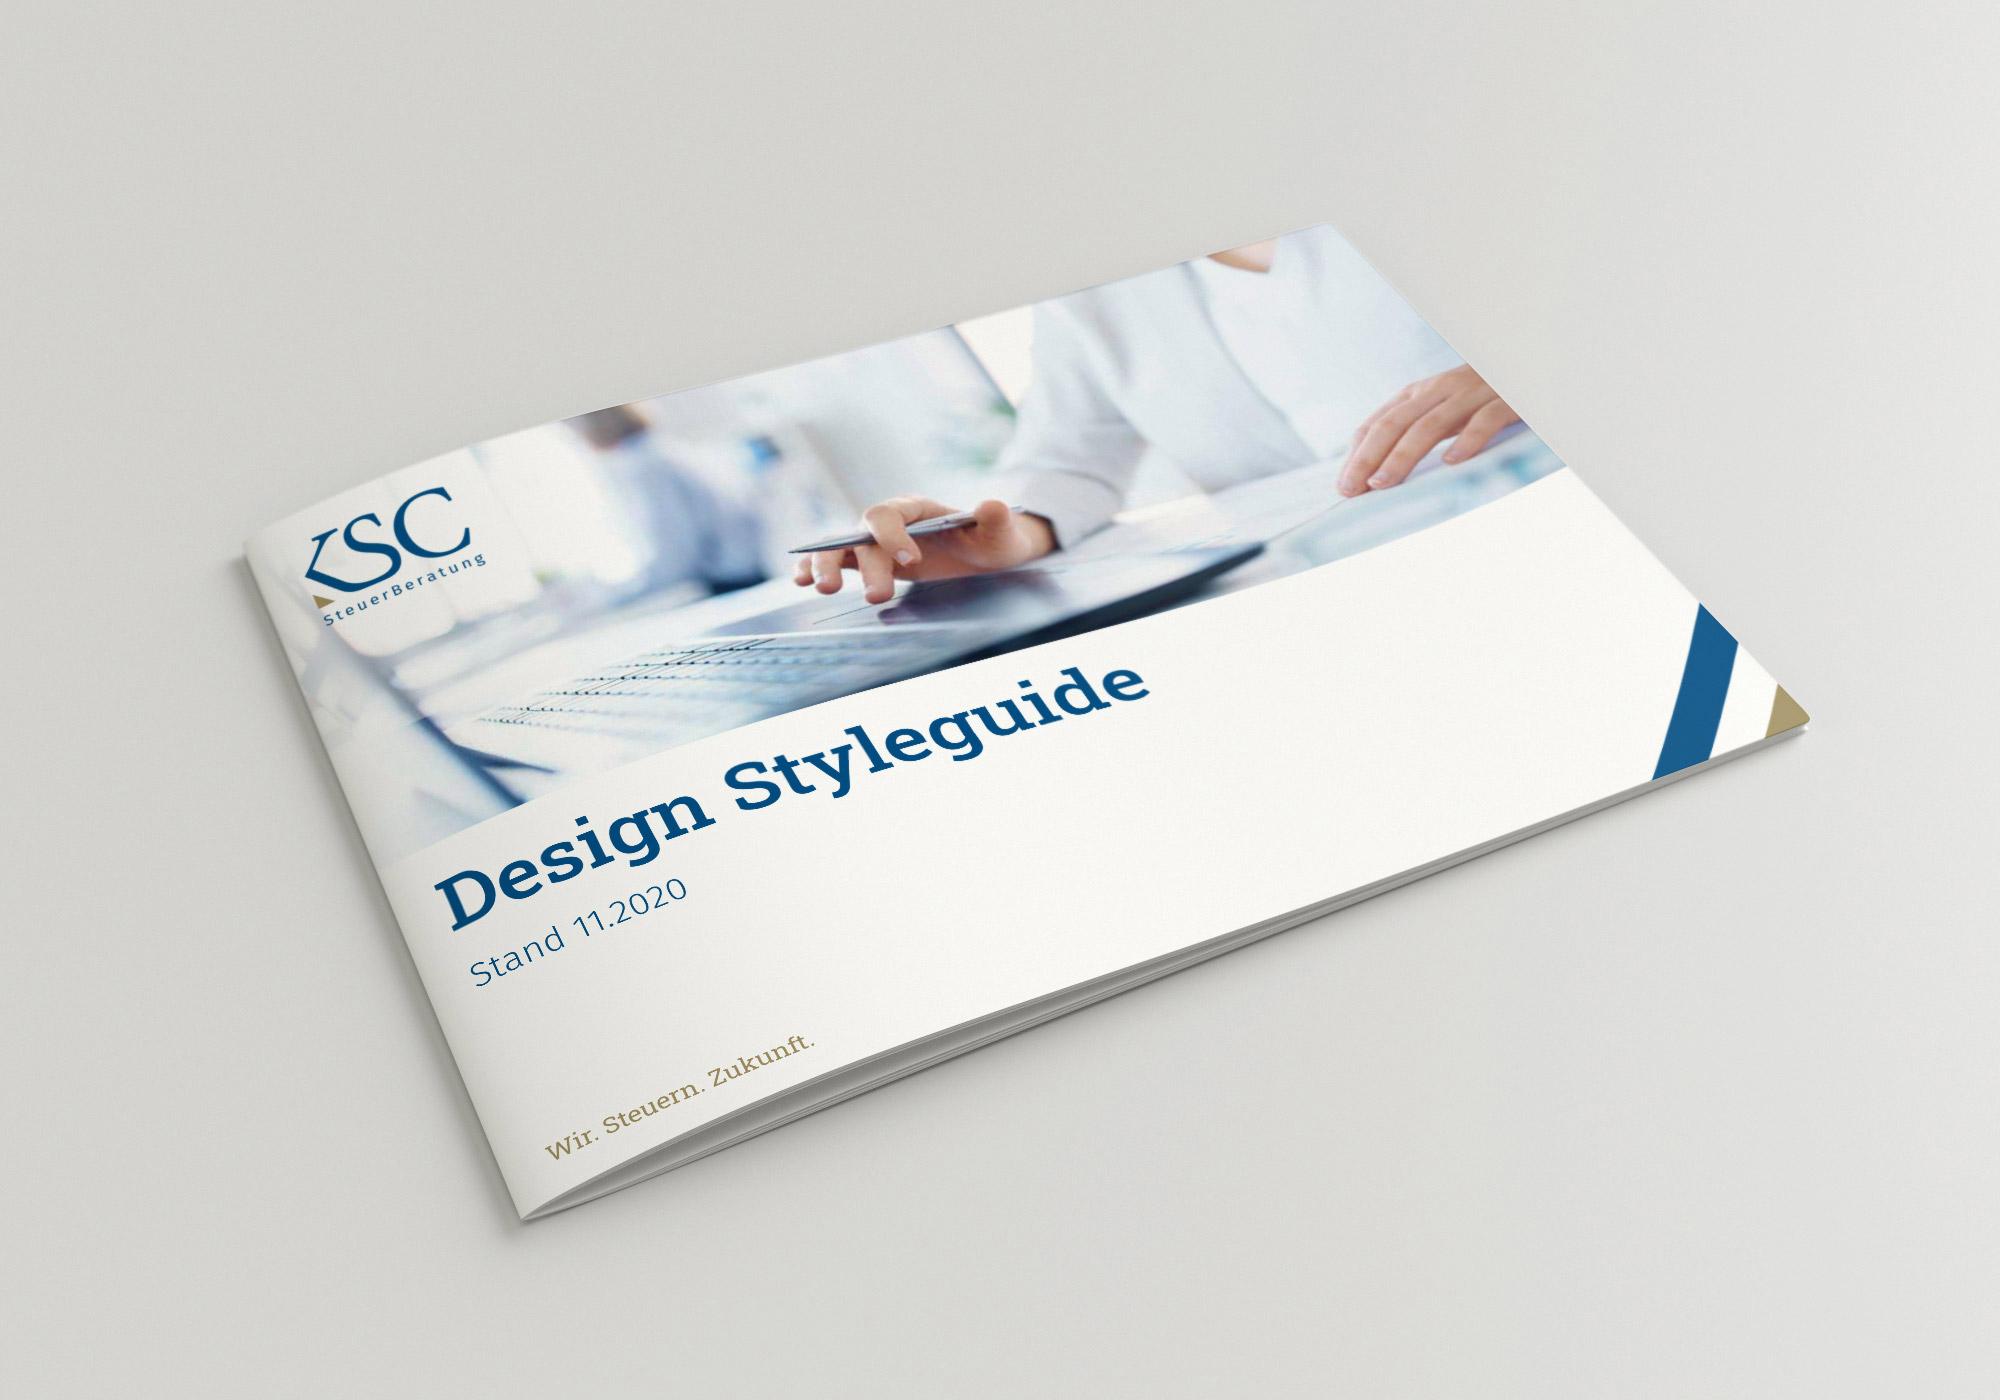 001_KSC_Styleguide